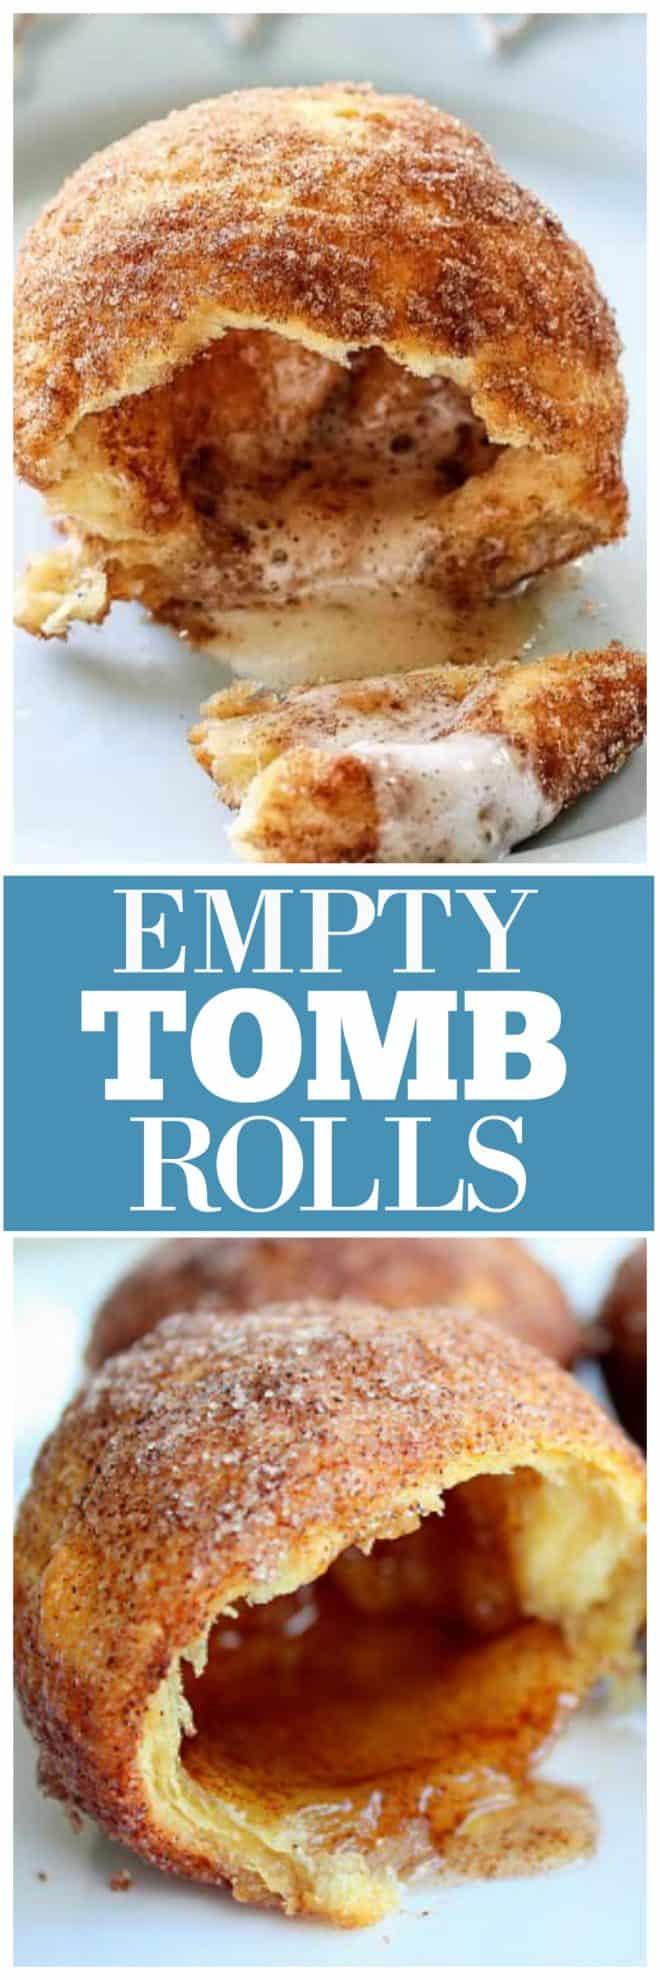 Empty Tomb Rolls